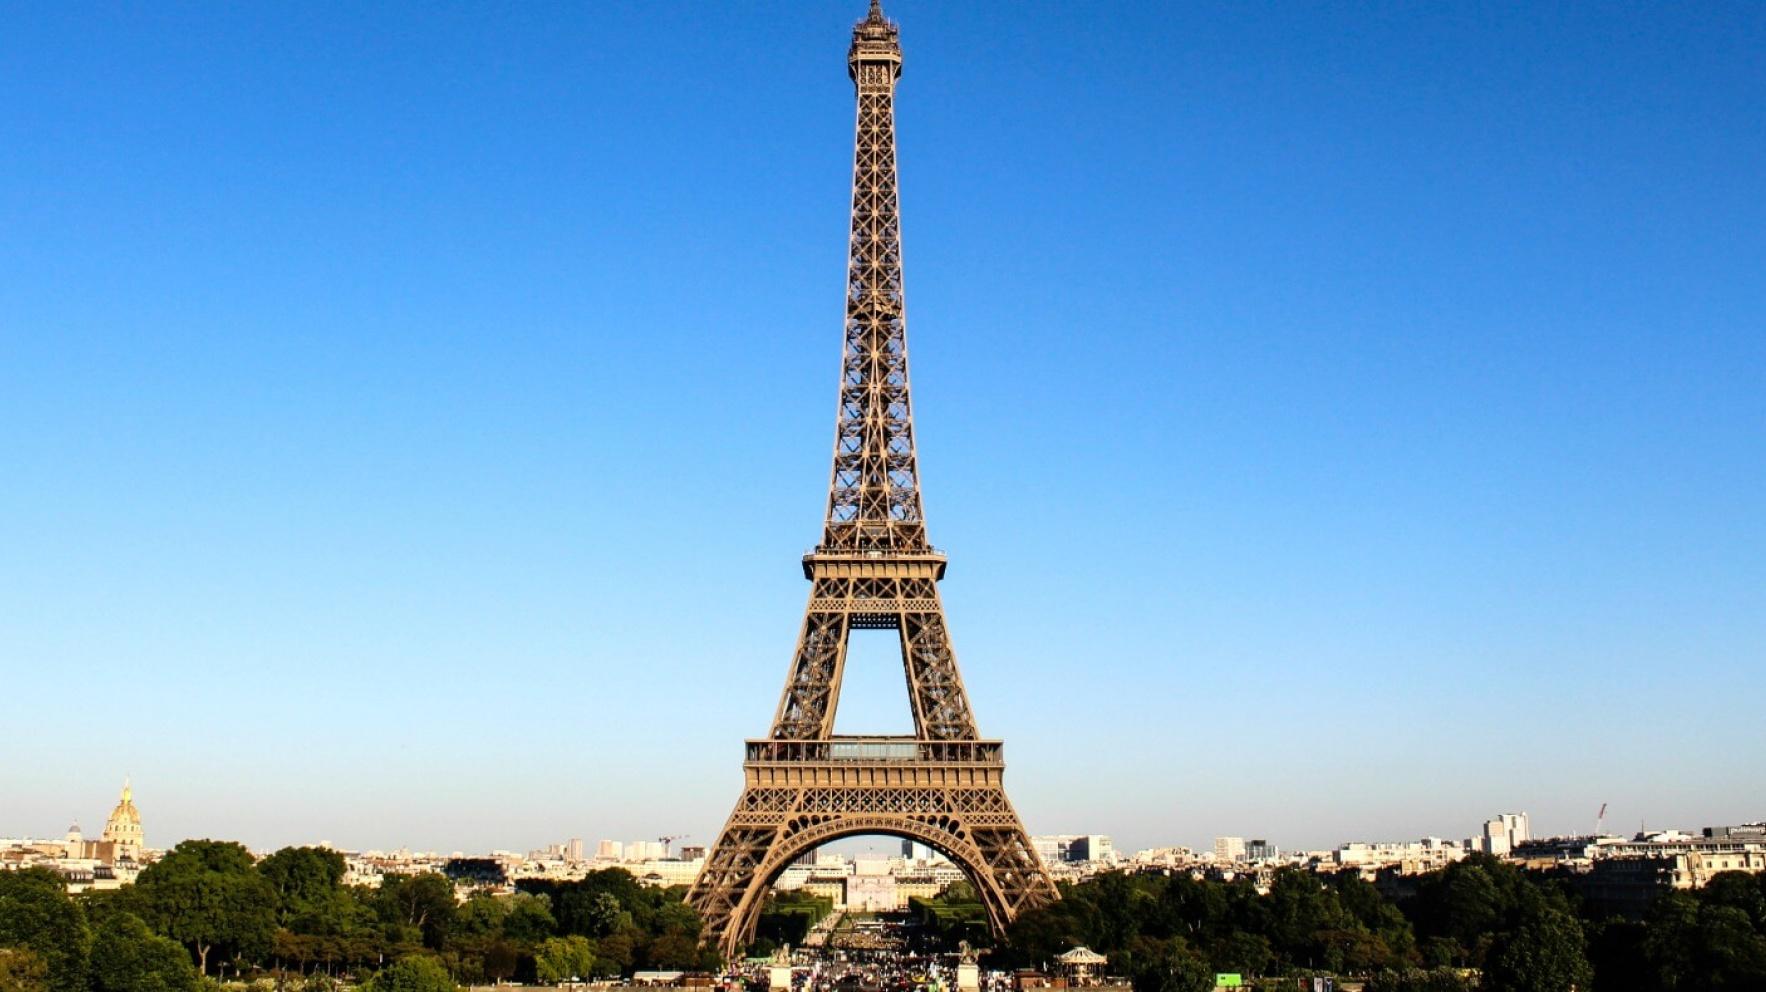 Top 10 Paris Tourist Attractions